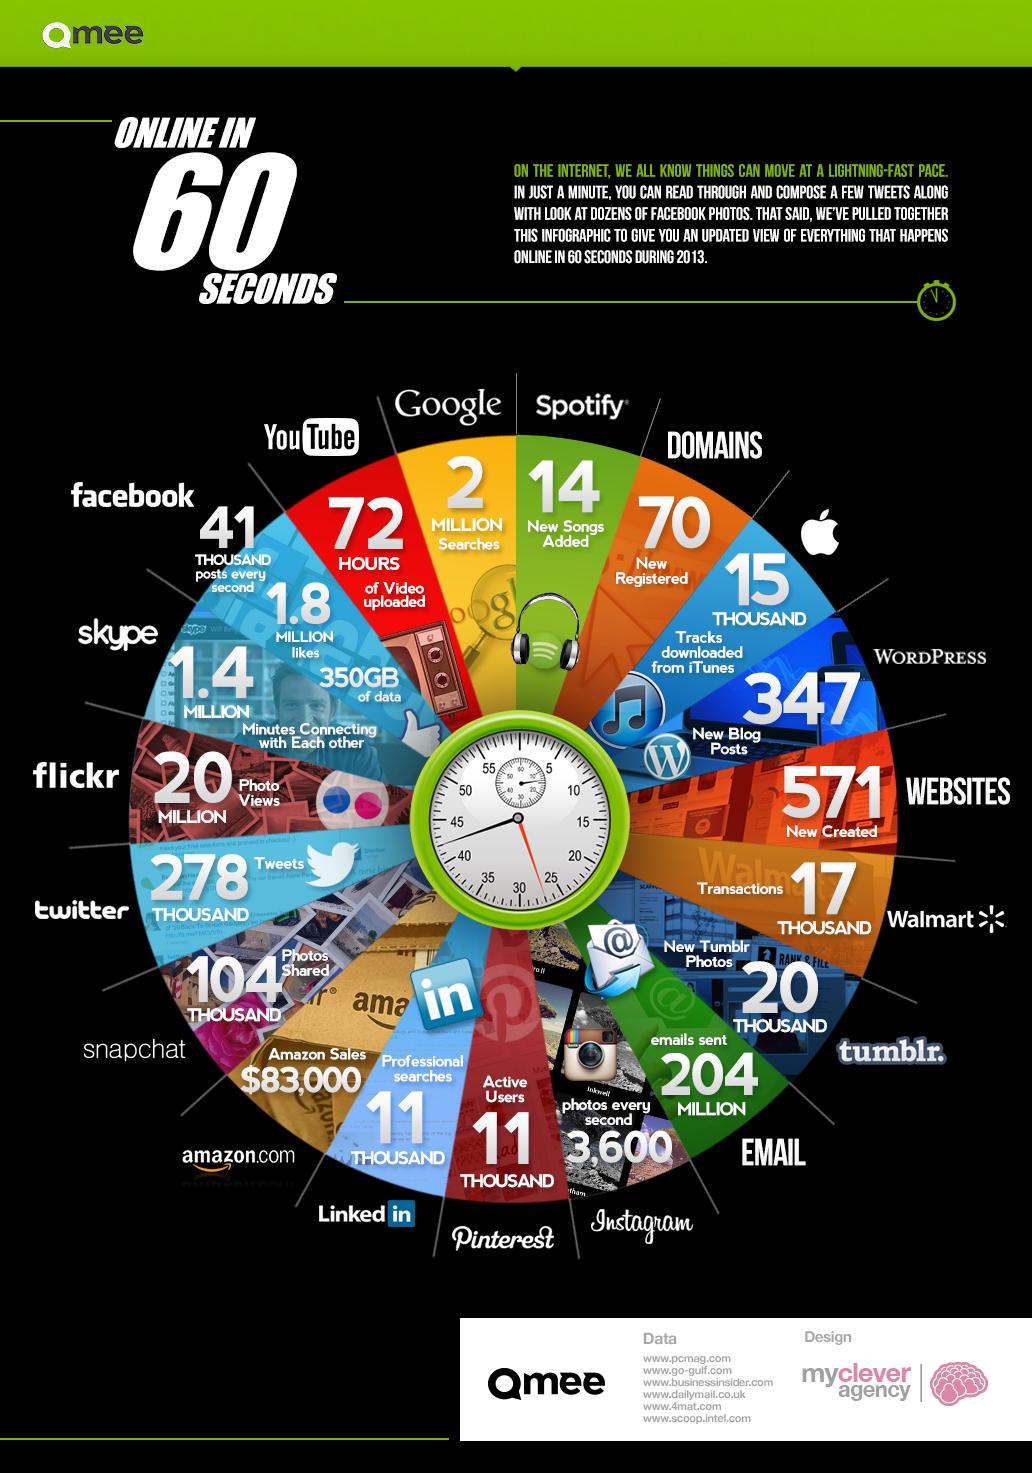 ecco cosa succede su internet ogni 60 secondi